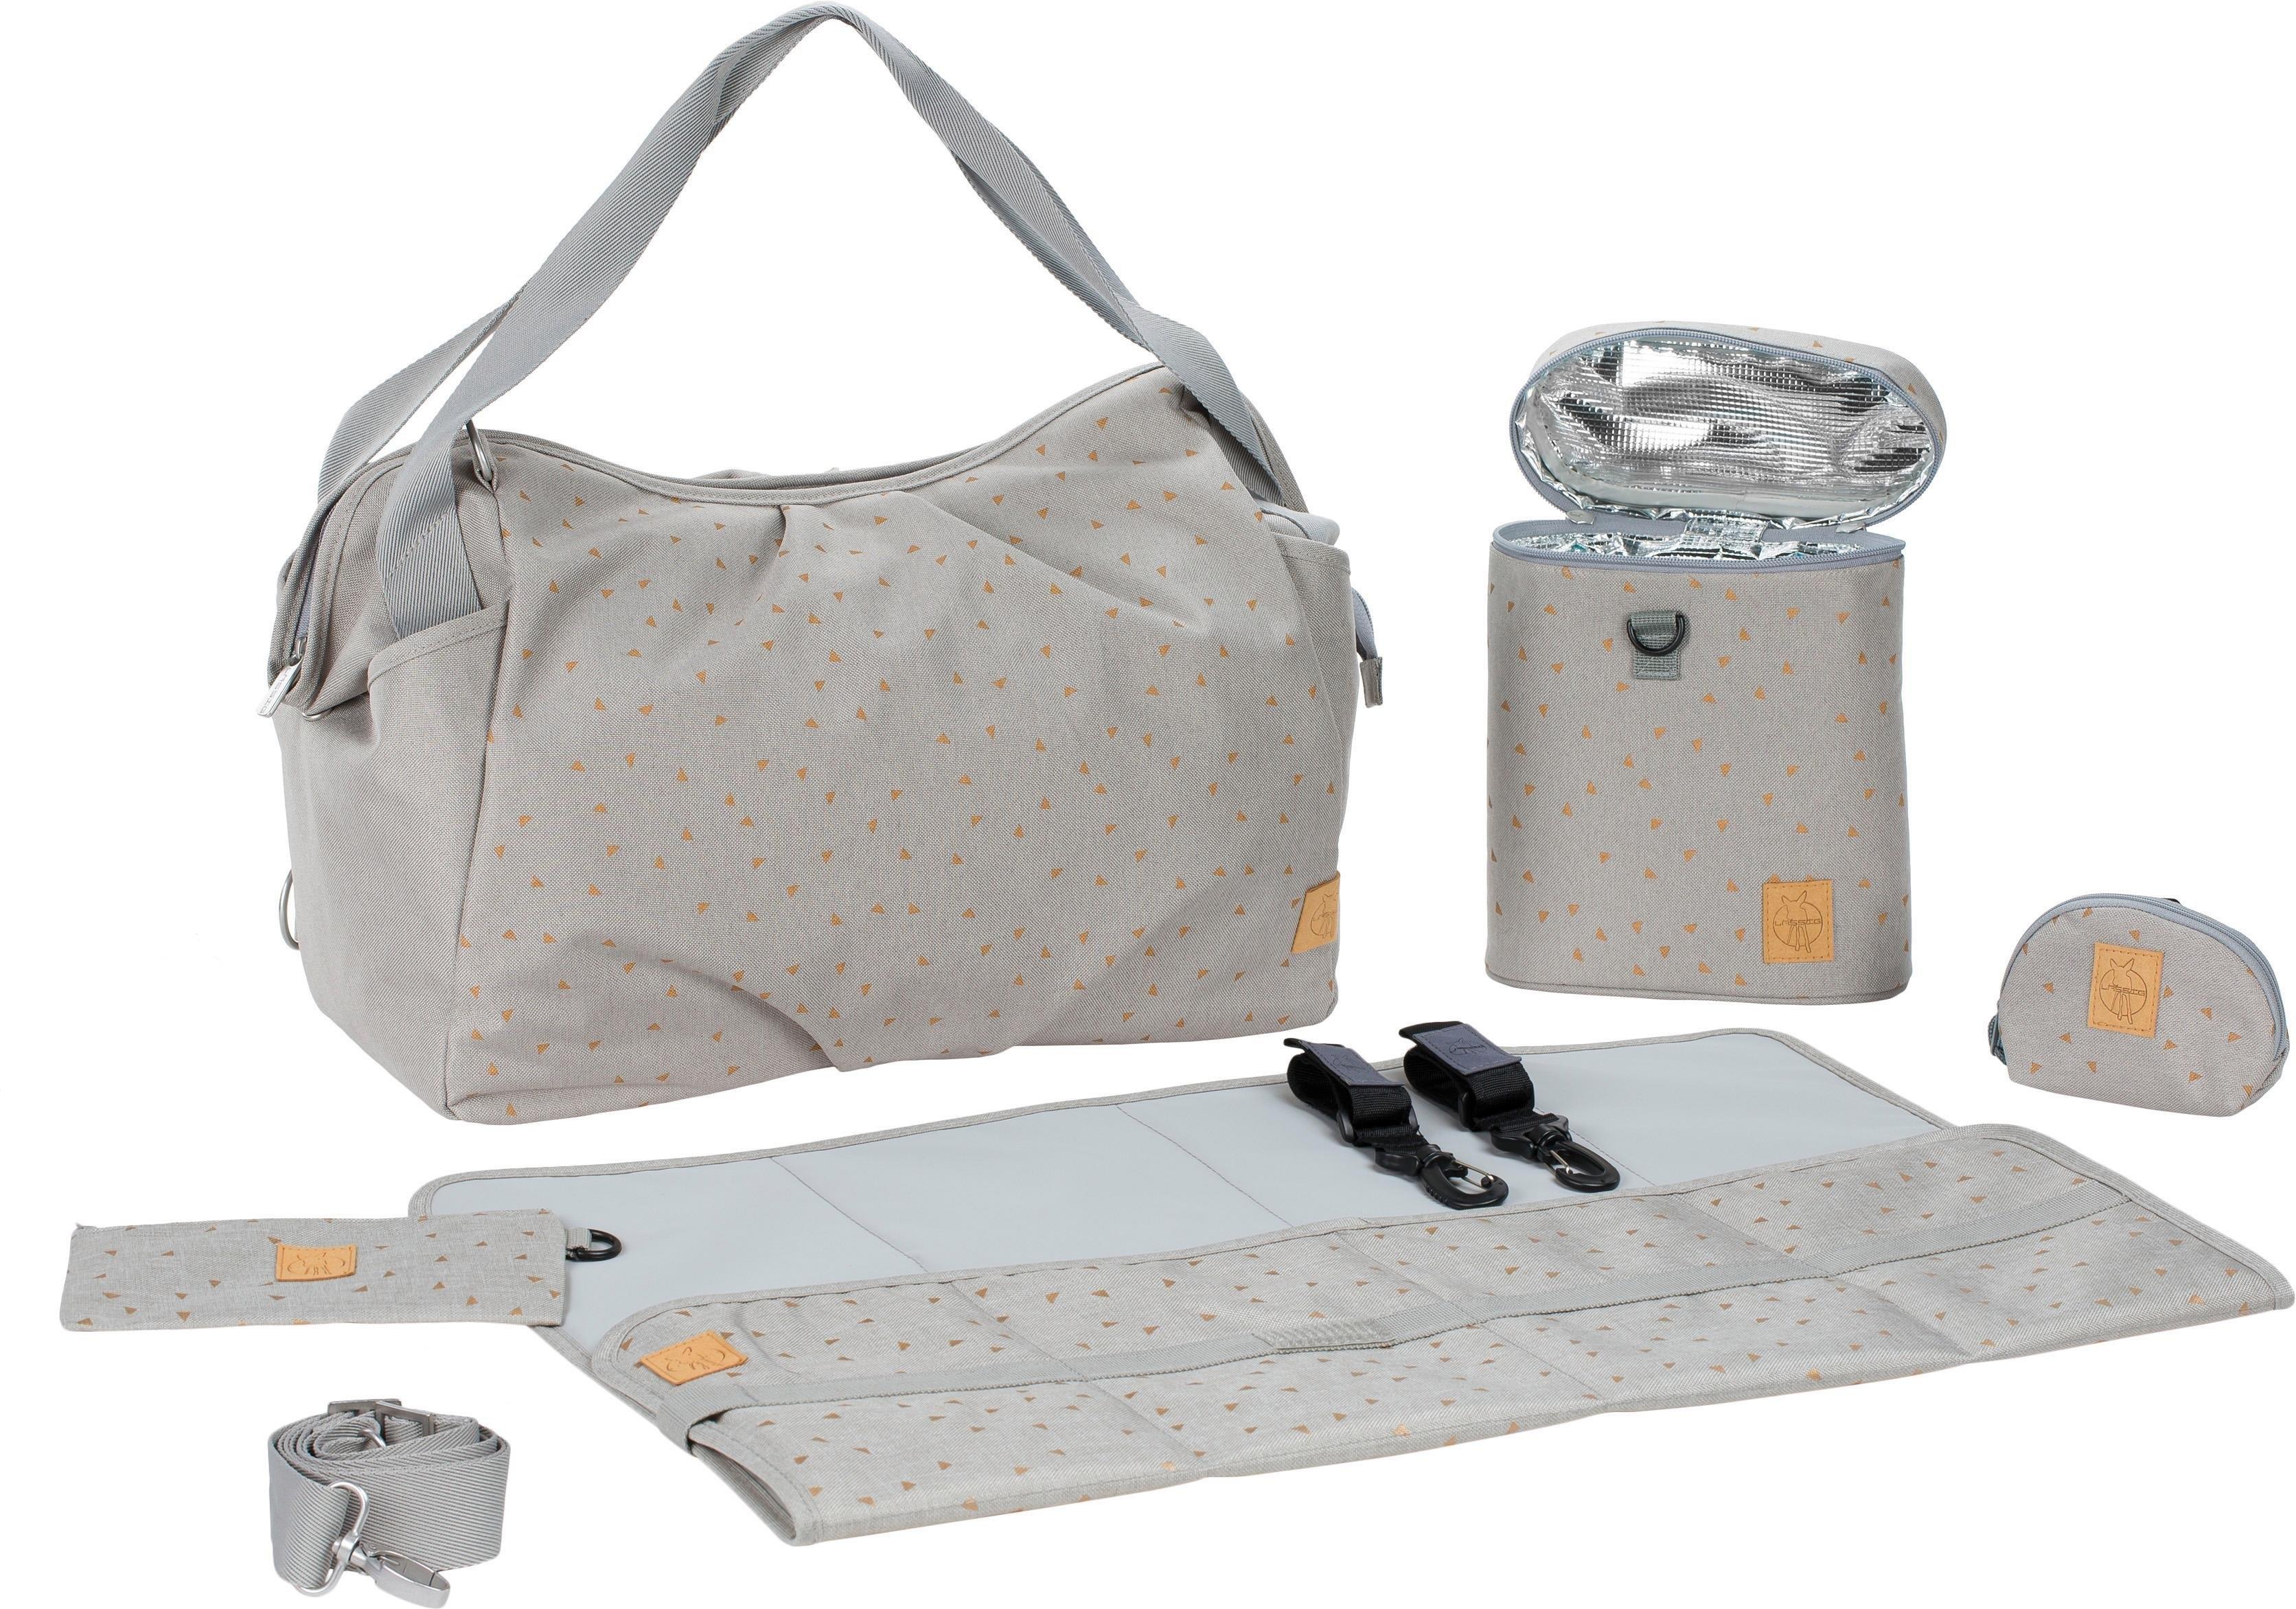 Lässig luiertas met verzorgingsmatje, »Casual Twin Bag Triangle, Light Grey« nu online bestellen